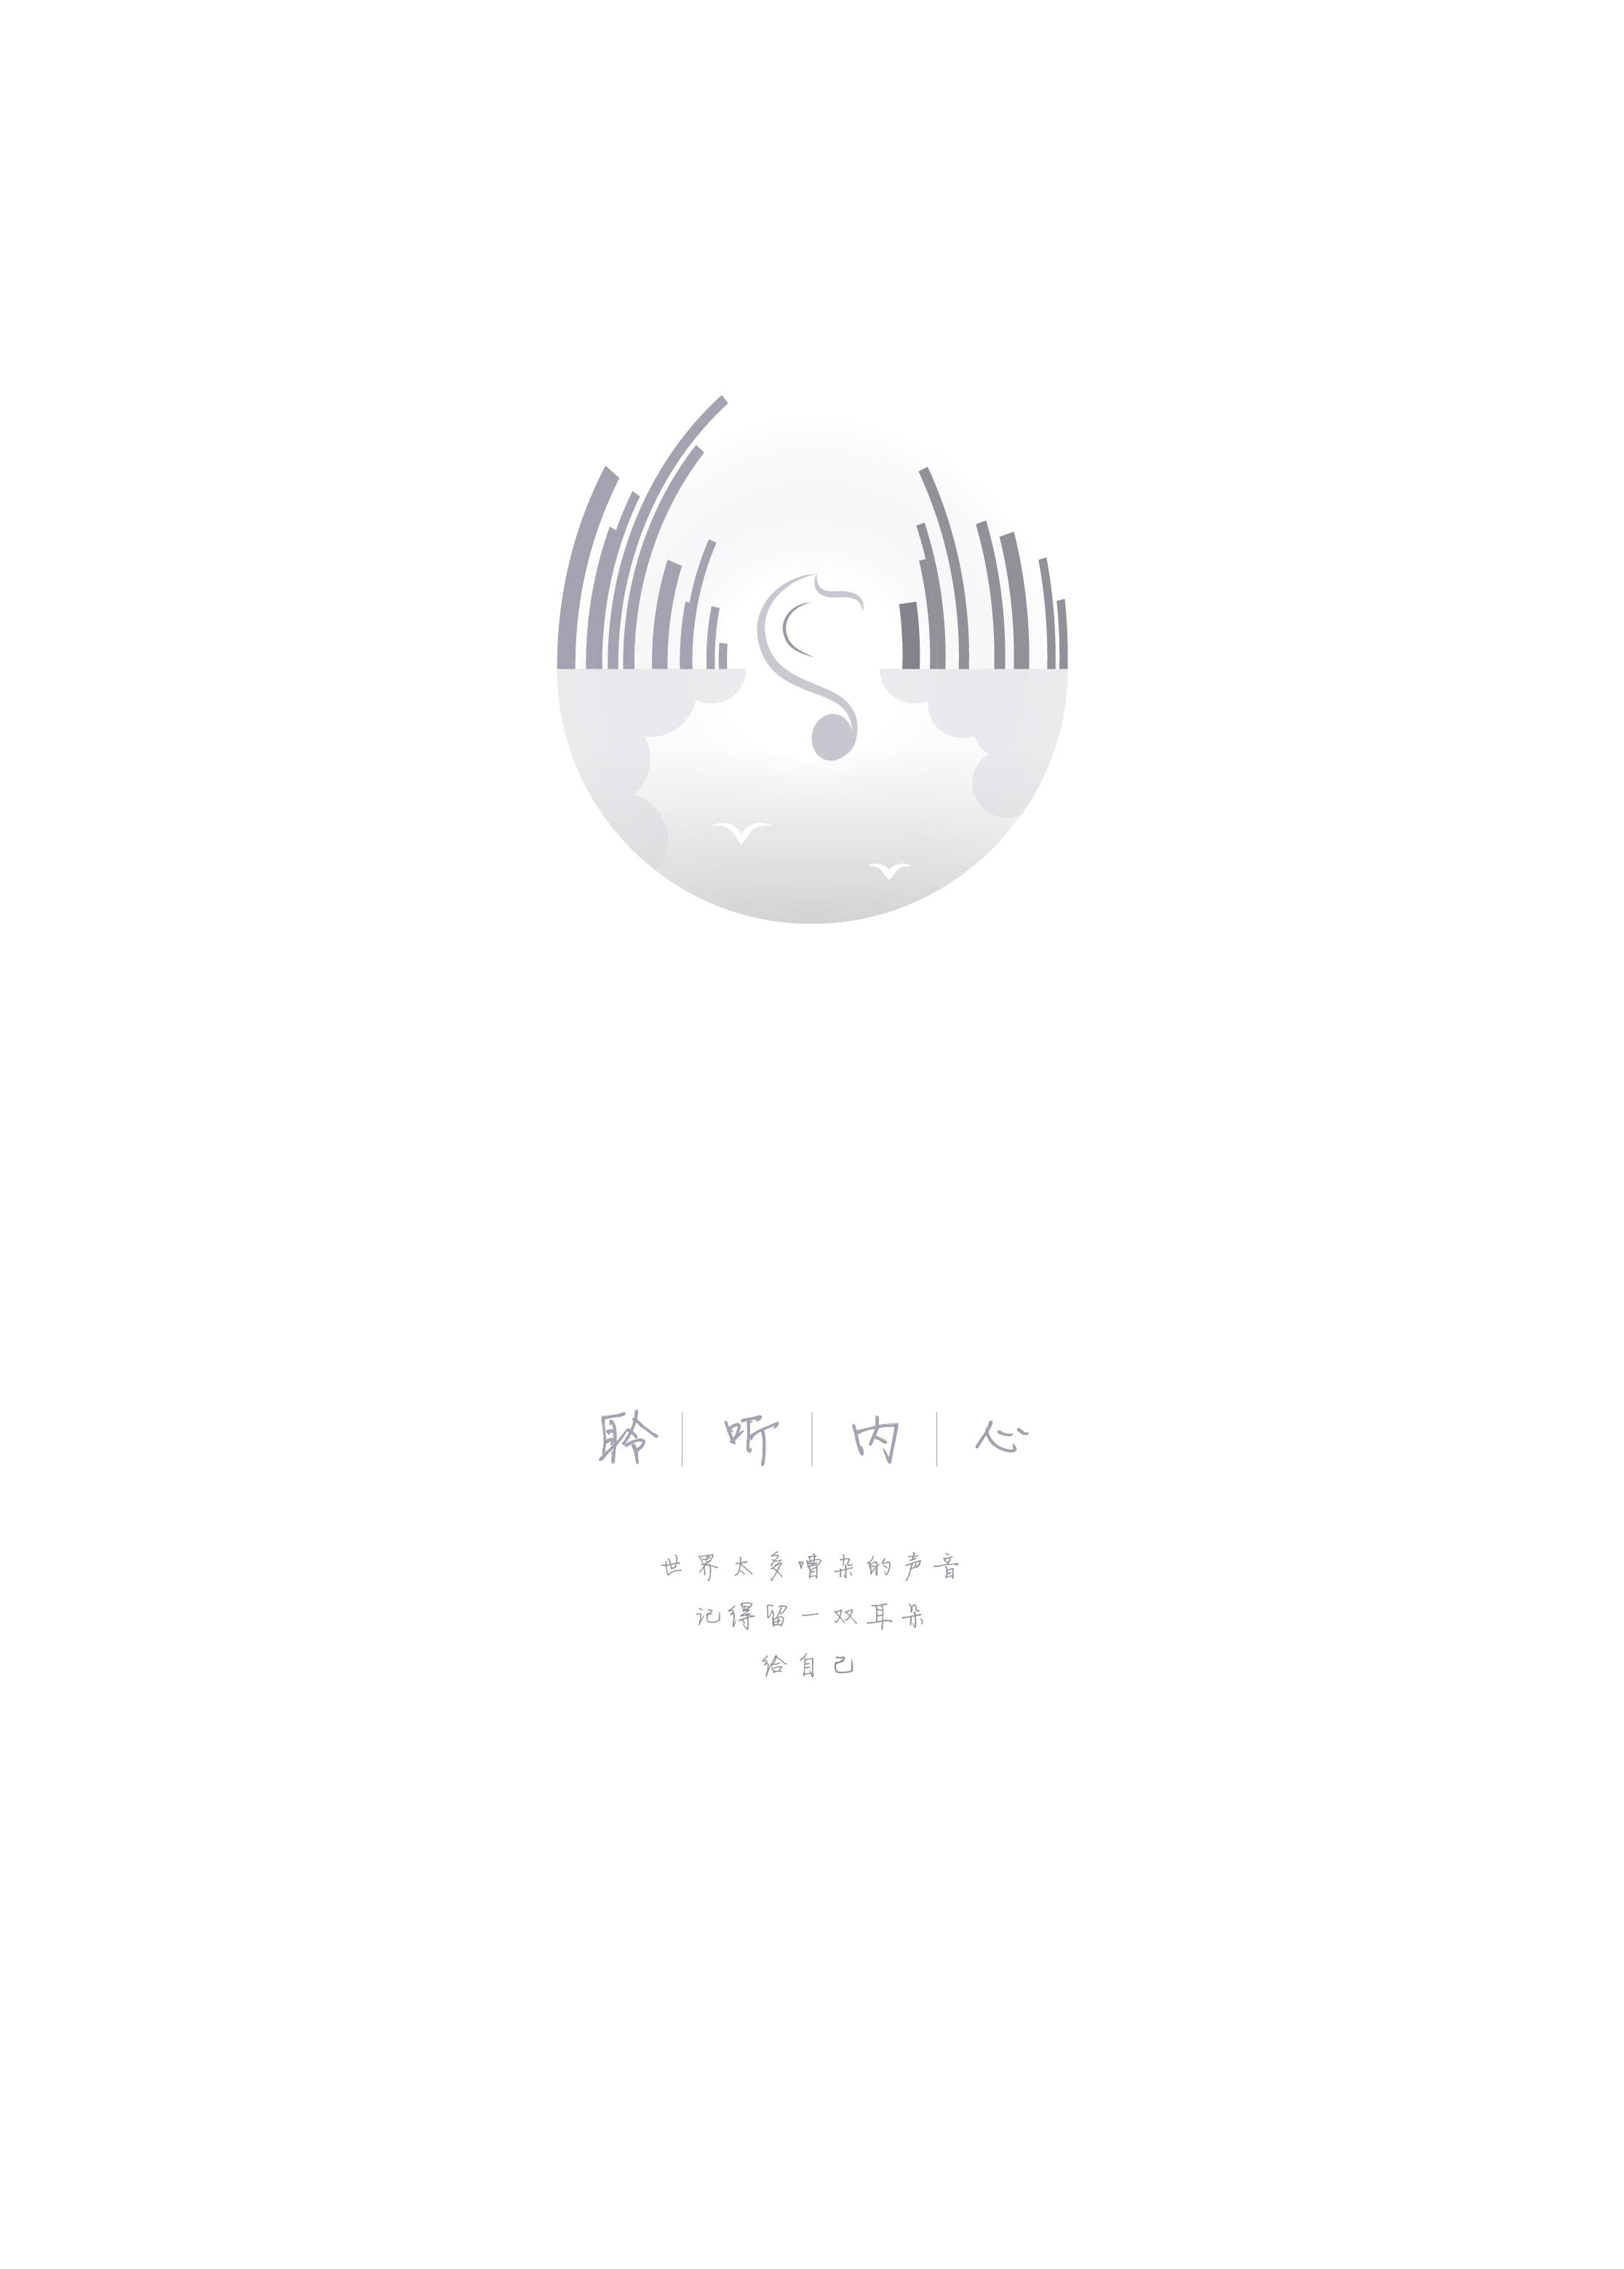 【日记本扉页设计】聆听内心